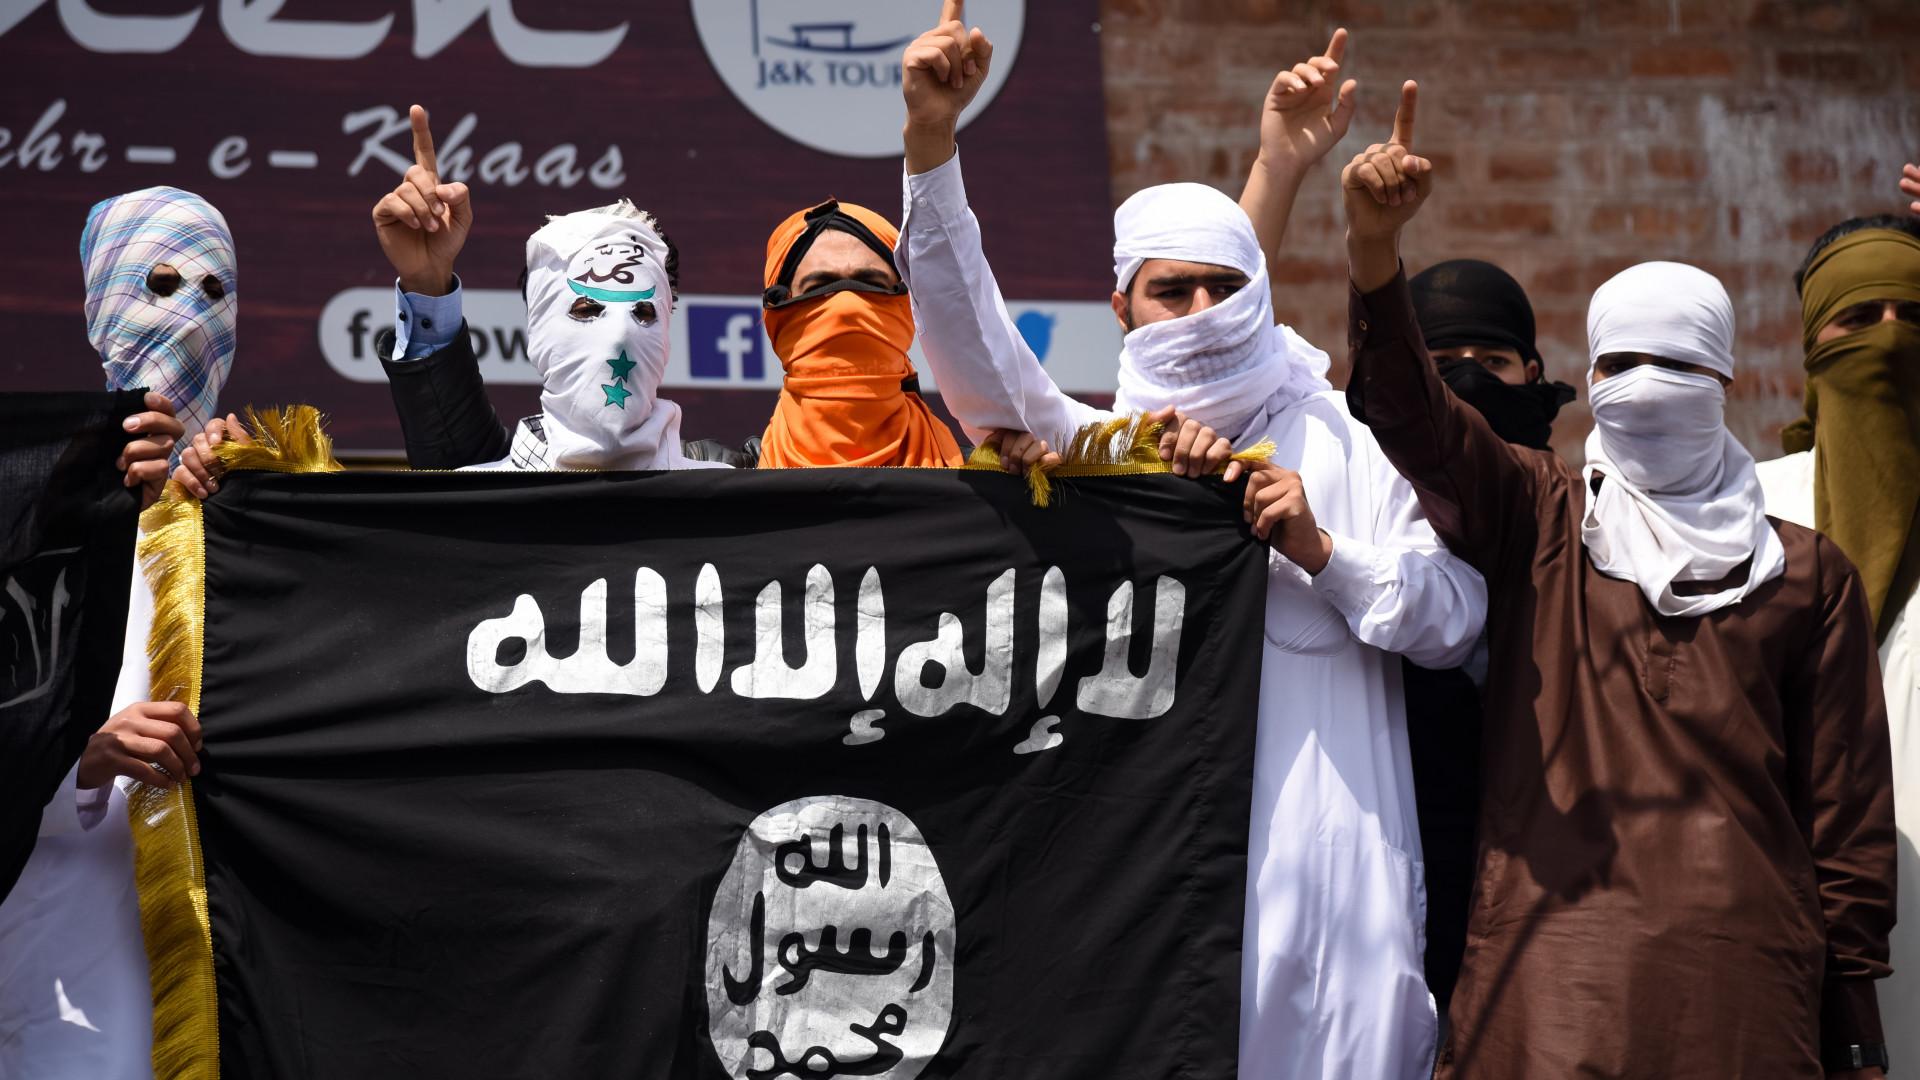 Elárasztották a dzsihadisták a Trump-csapat új közösségi oldalát